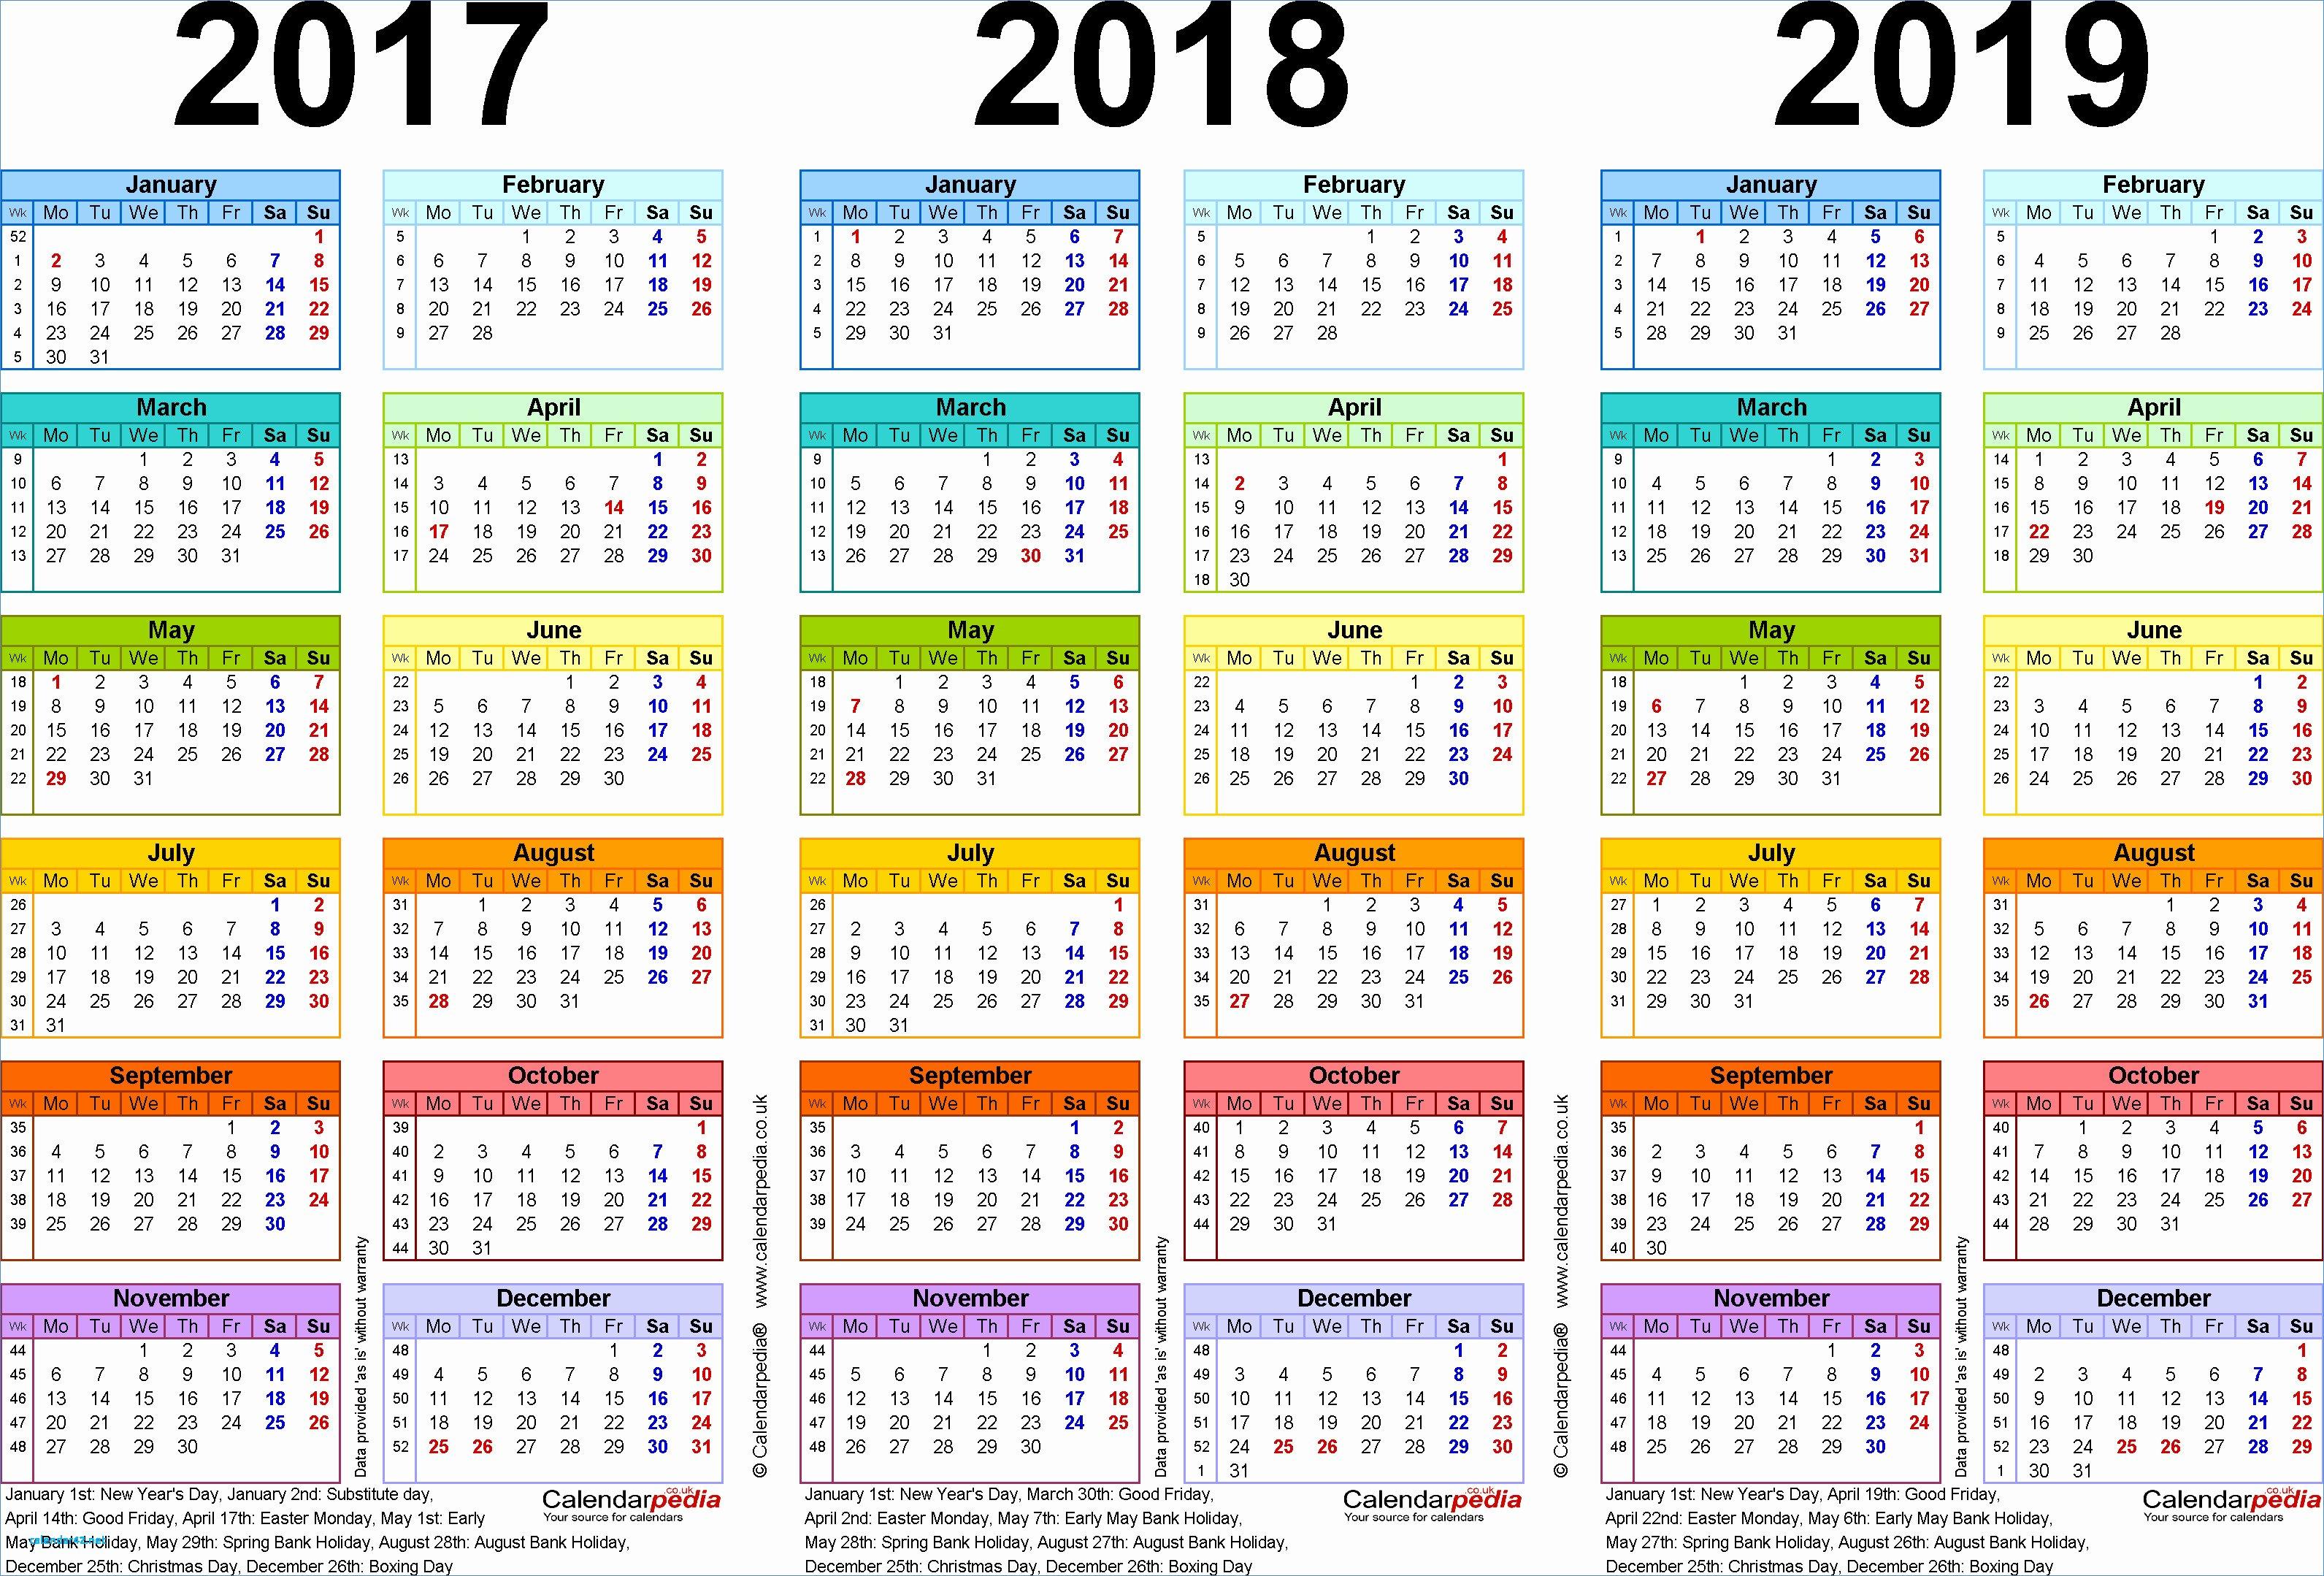 Printable 2019 Calendar Qld | Printable Calendar 2019 Calendar 2019 Qld School Holidays